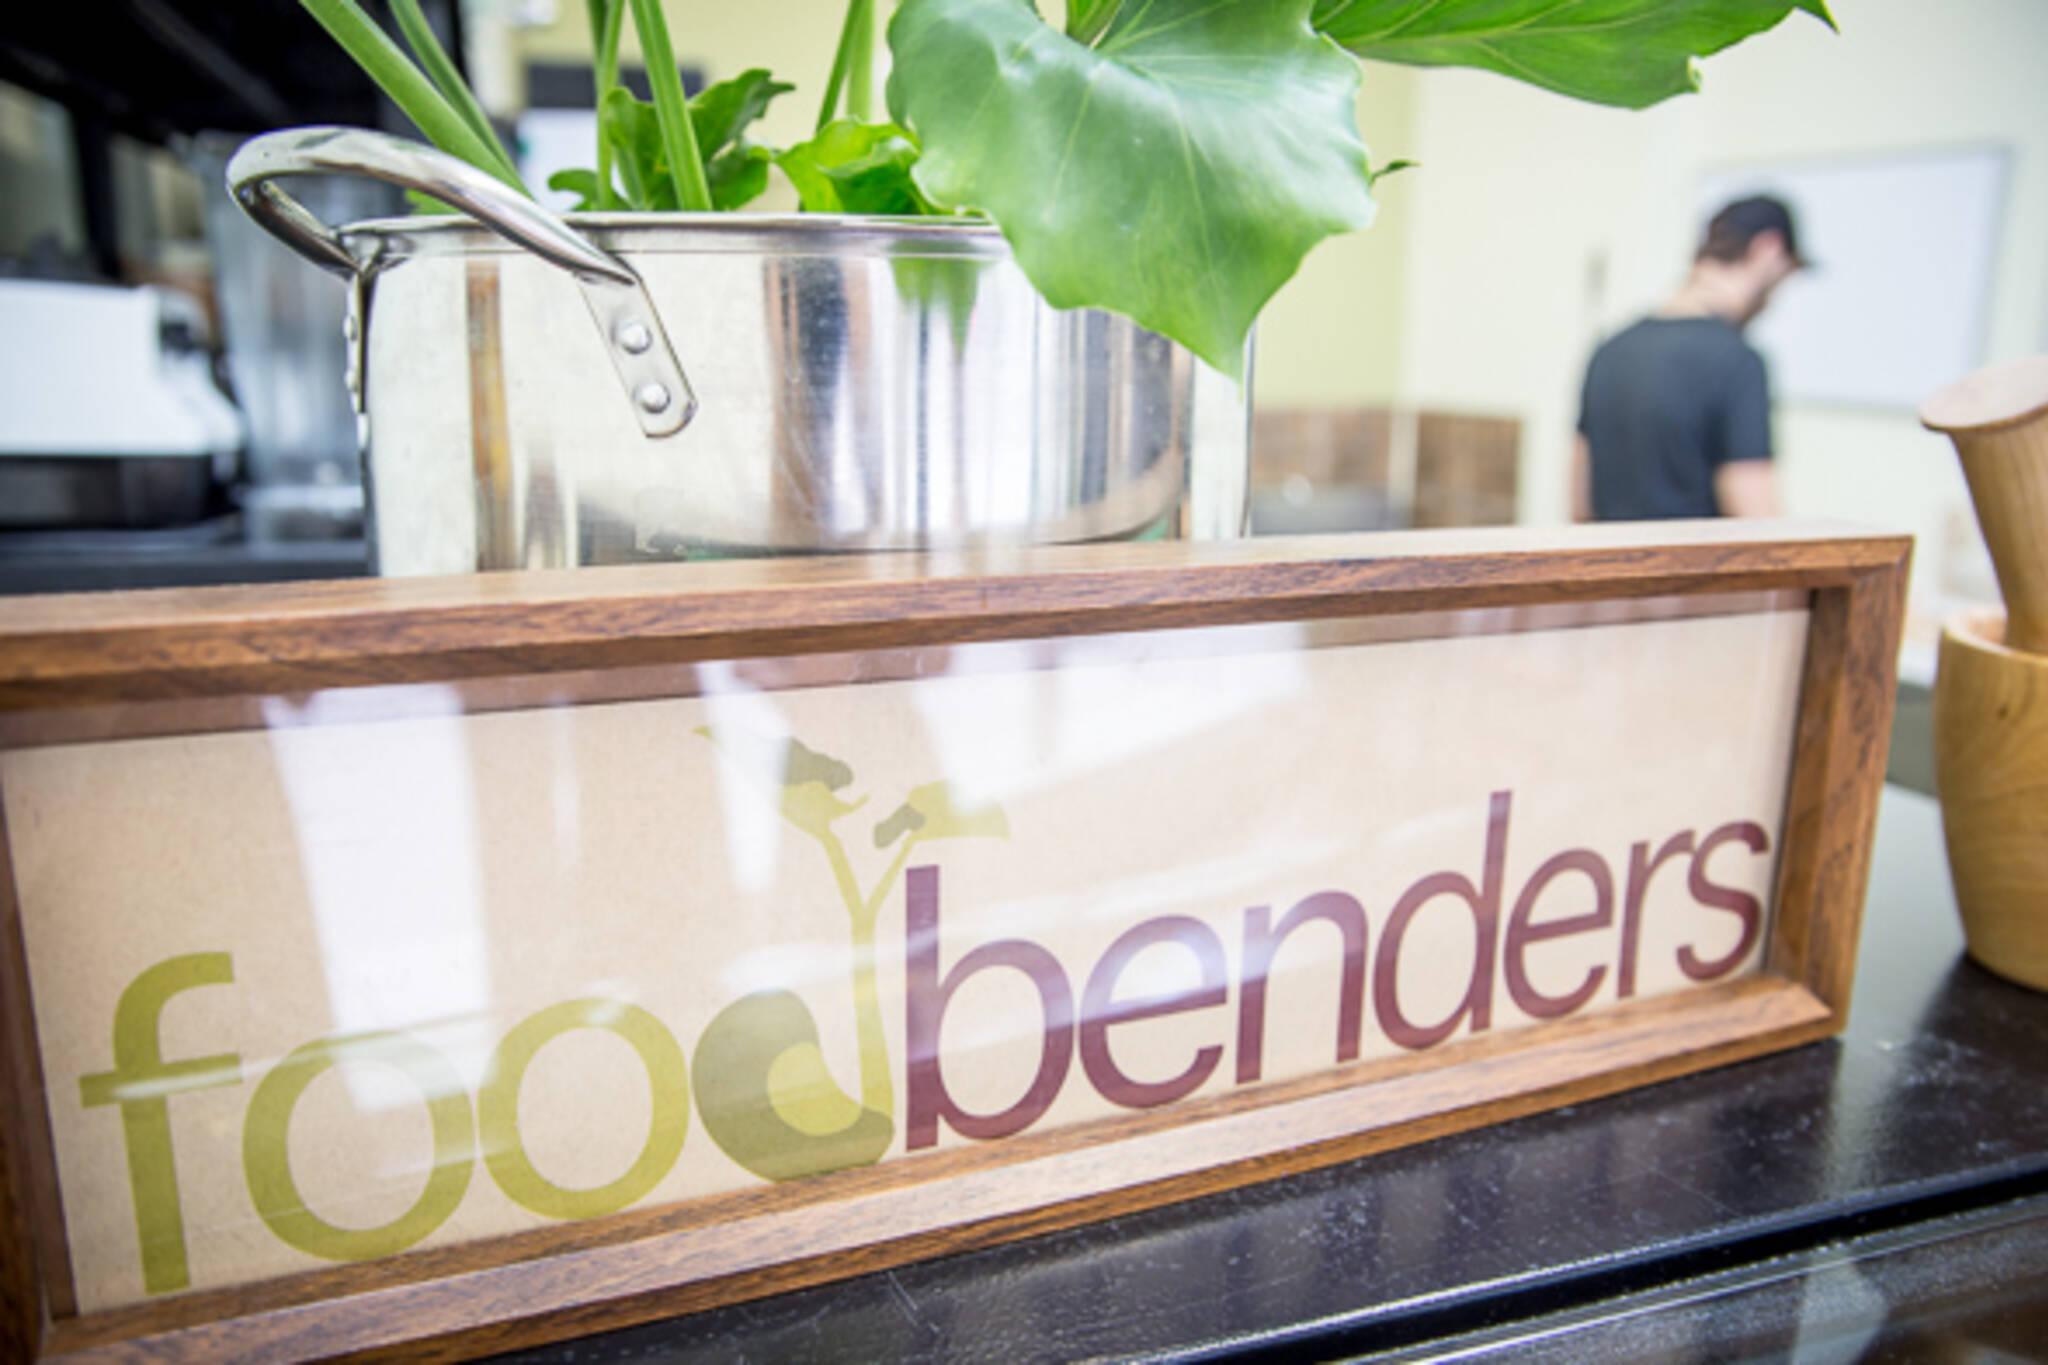 Foodbenders